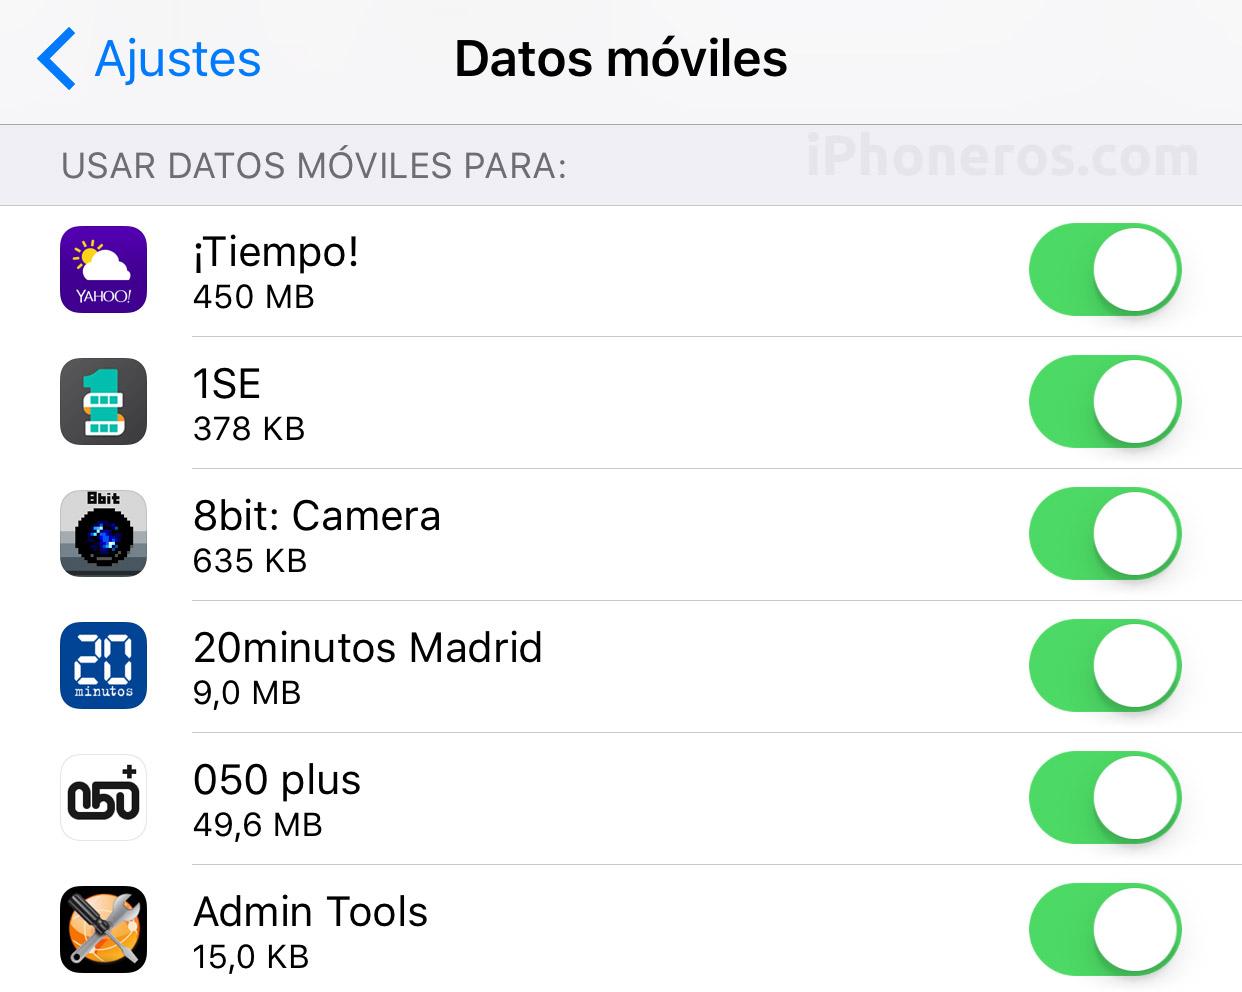 Consumo de Datos celulares en la App de Ajustes